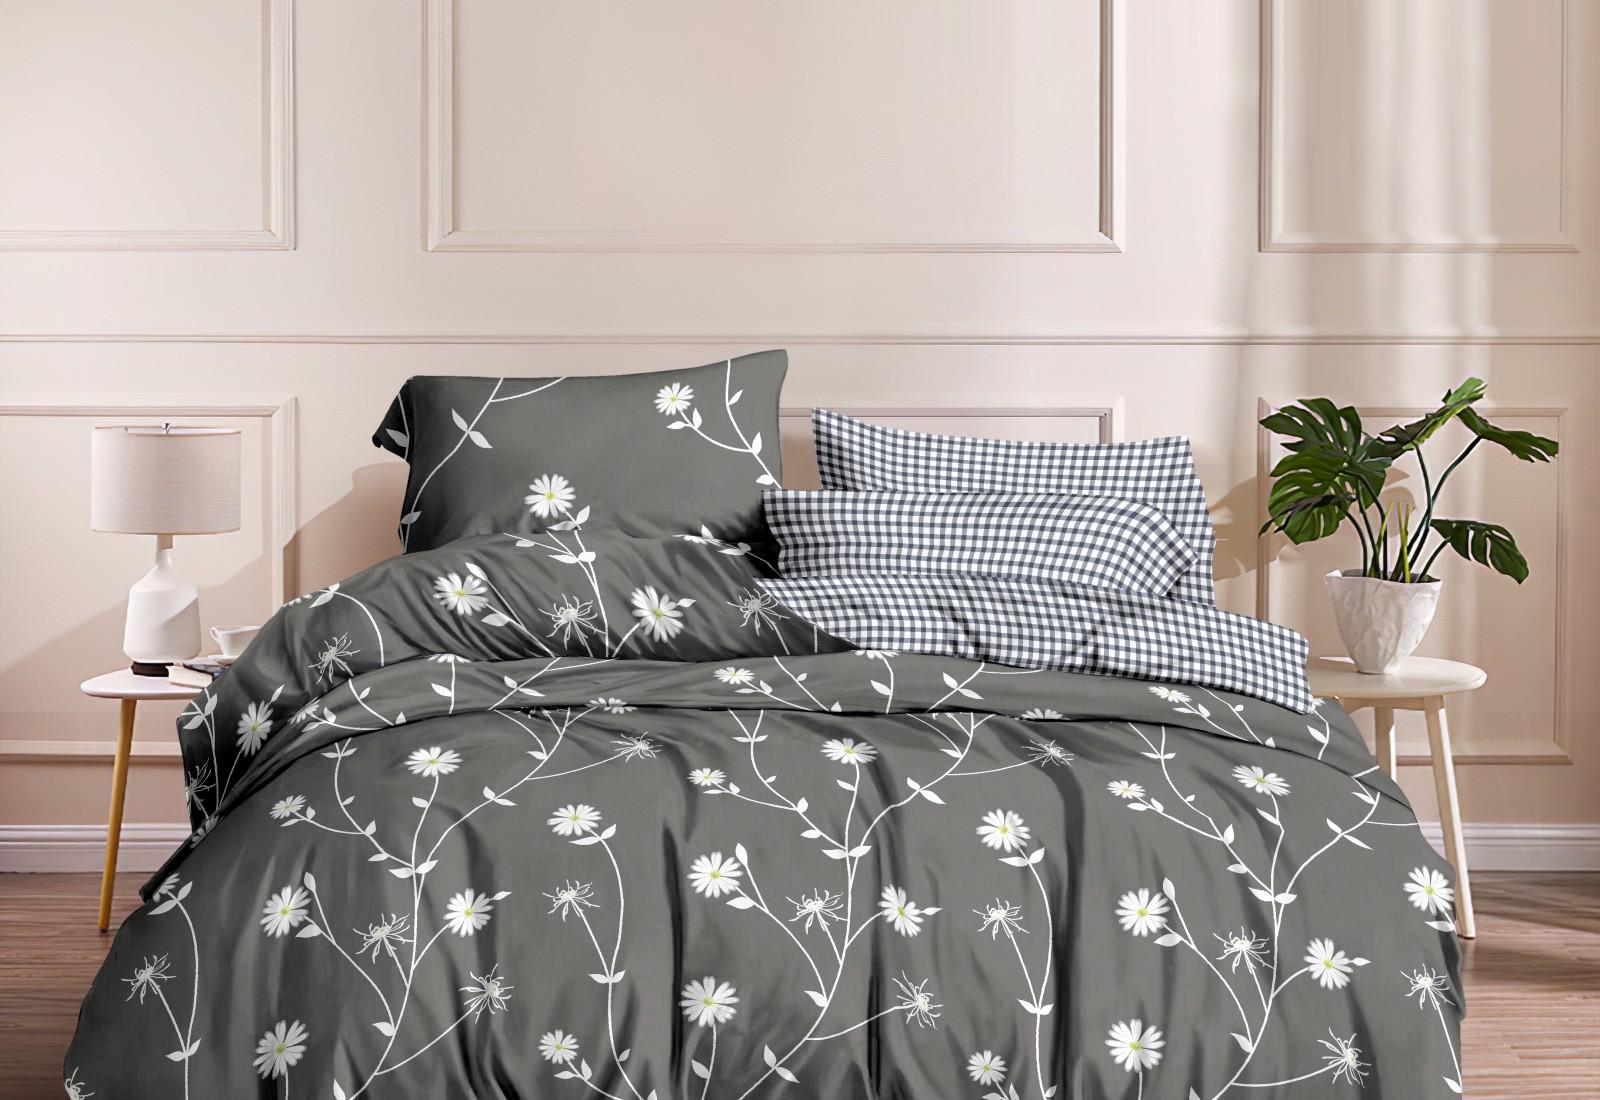 Двуспальное постельное белье  САТИН двухсторонняя, 4 наволочки / 100% хлопок  223278